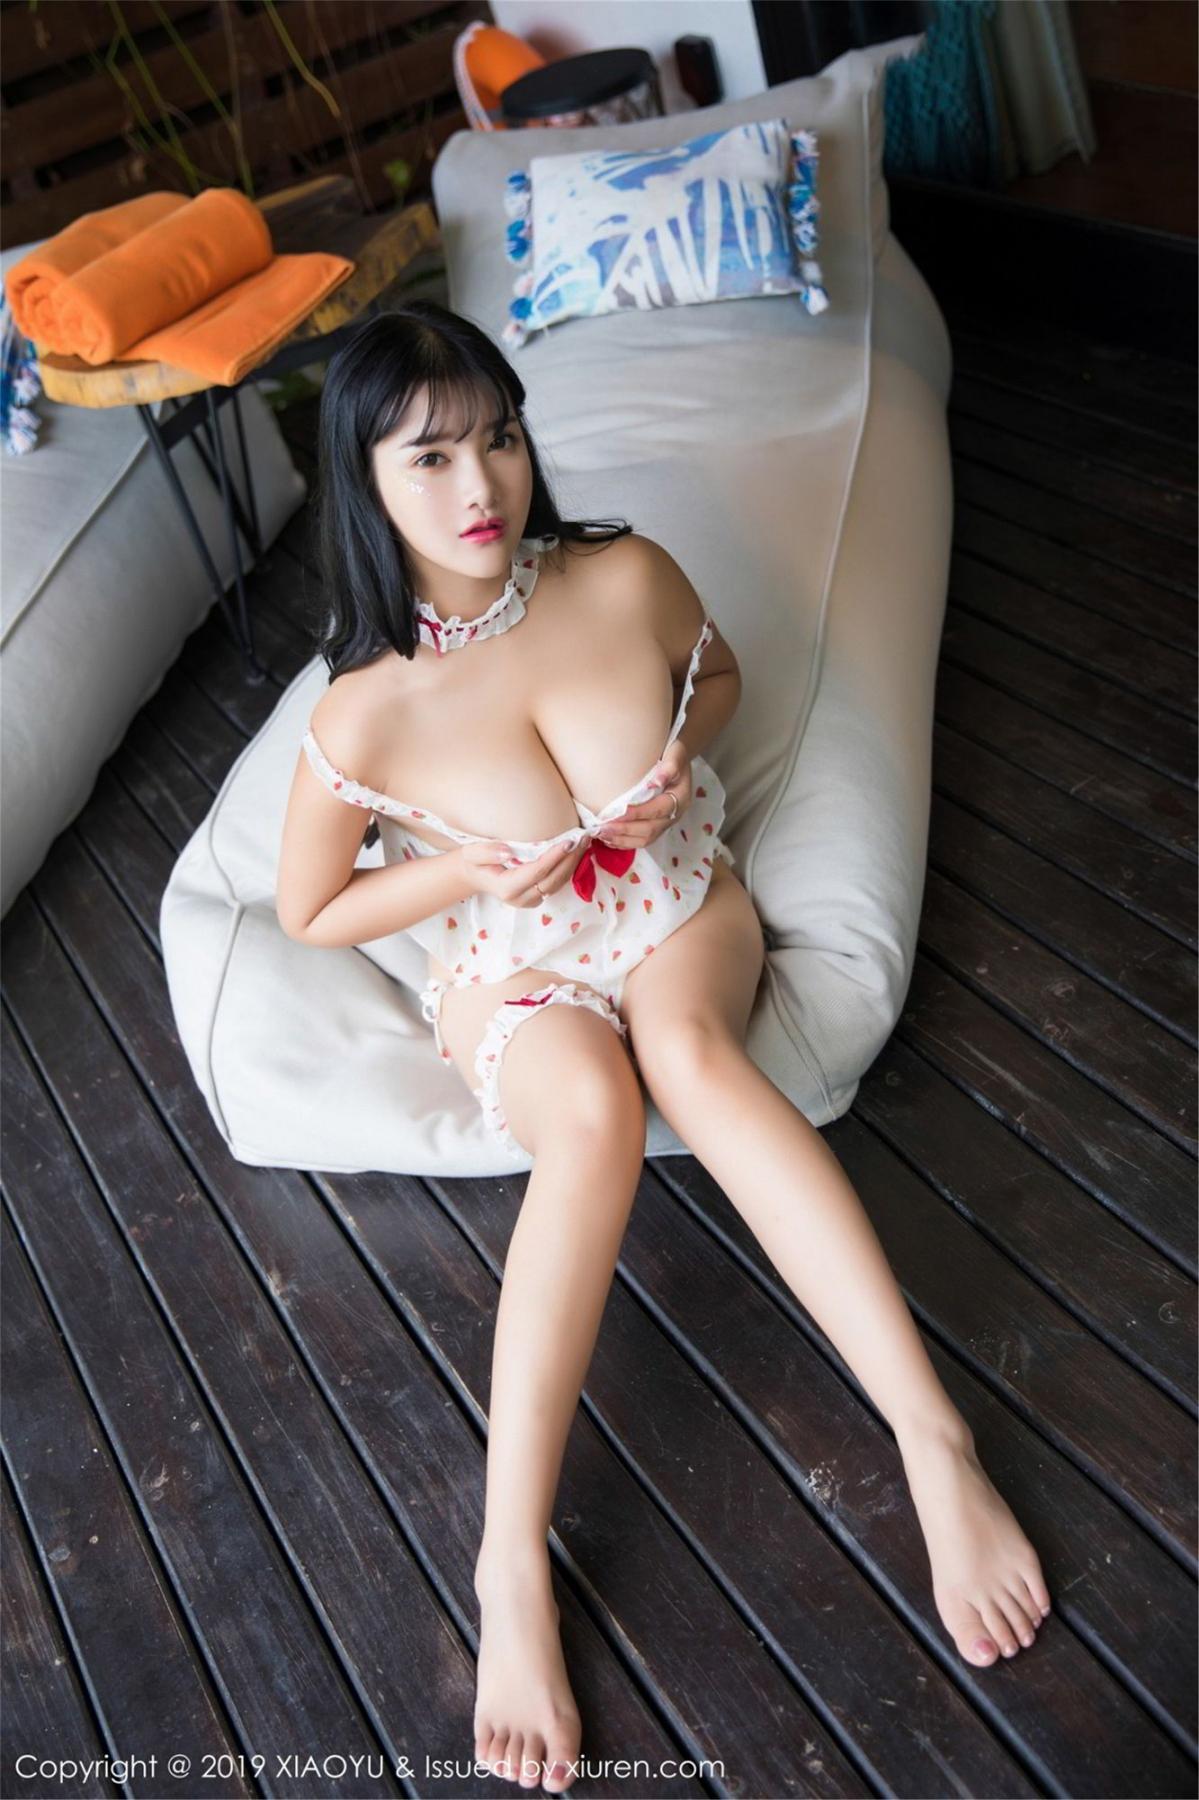 [XiaoYu] Vol.070 Lu Lu Xiao Miao 27P, Baby Face Big Boobs, Lovely, Lu Lu Xiao Miao, XiaoYu